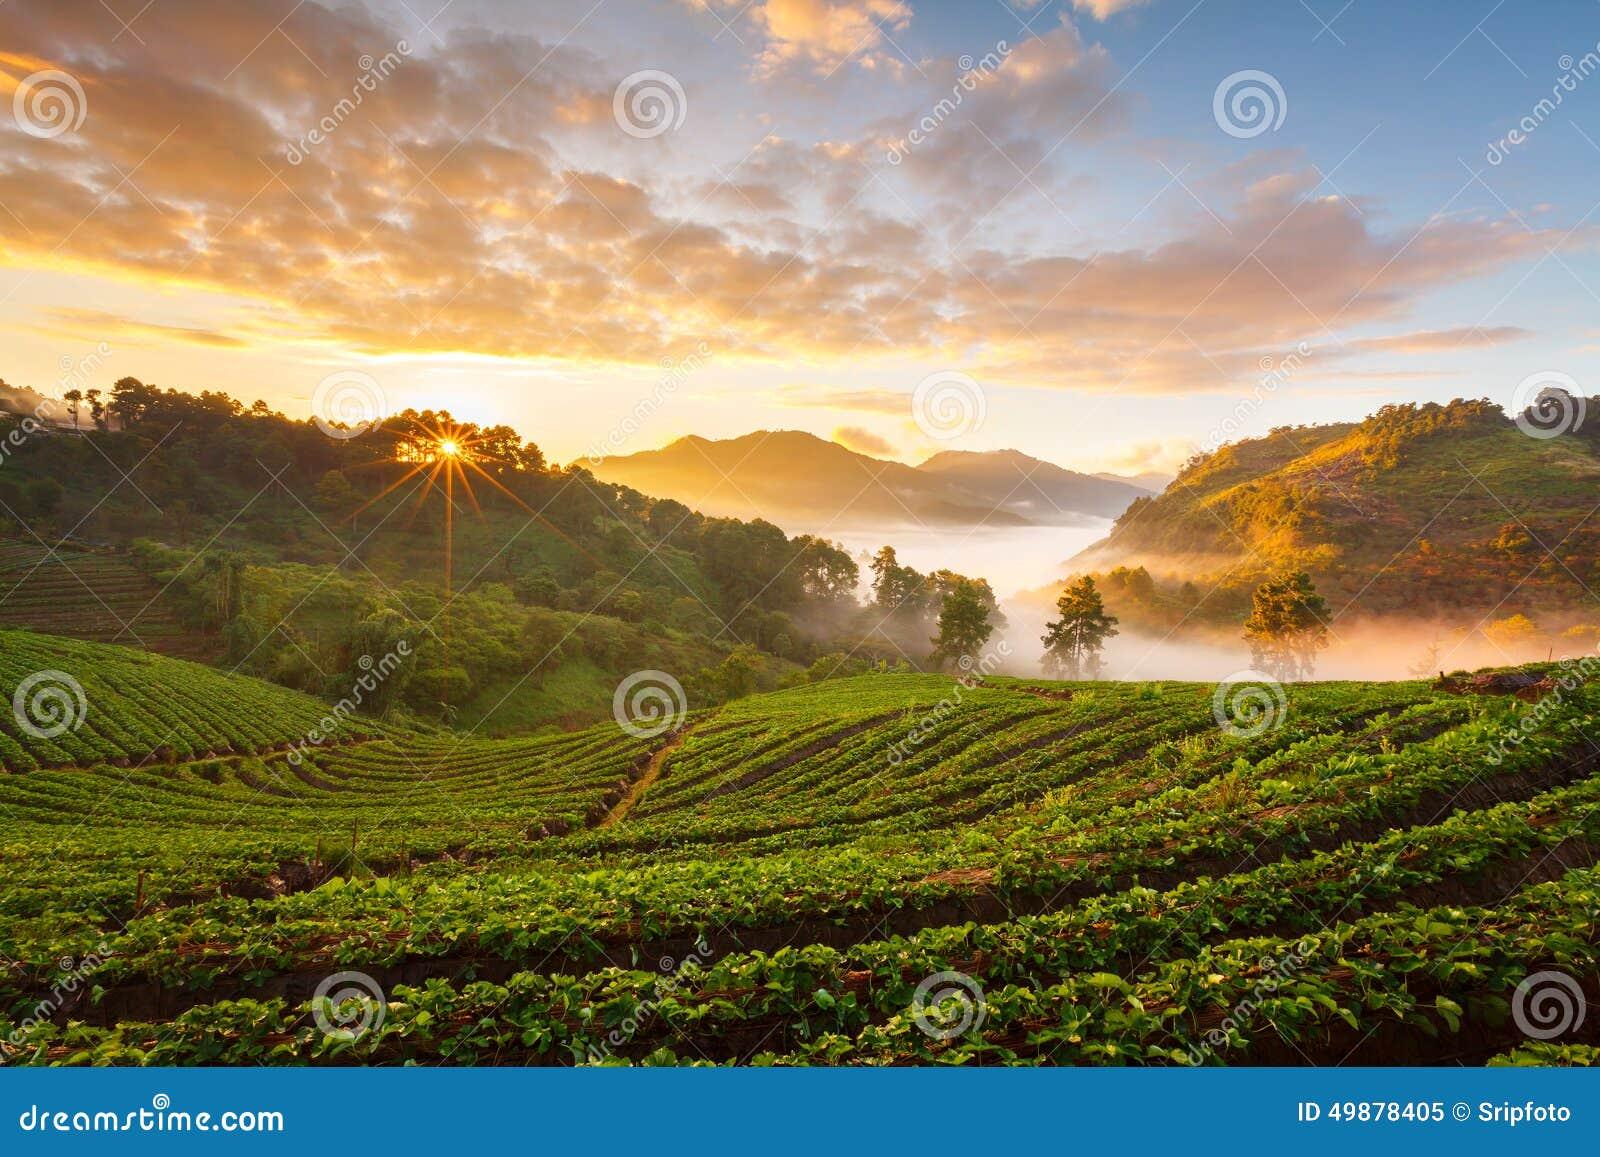 Salida del sol brumosa de la mañana en jardín de la fresa en el moun de la Angk-caída de Doi